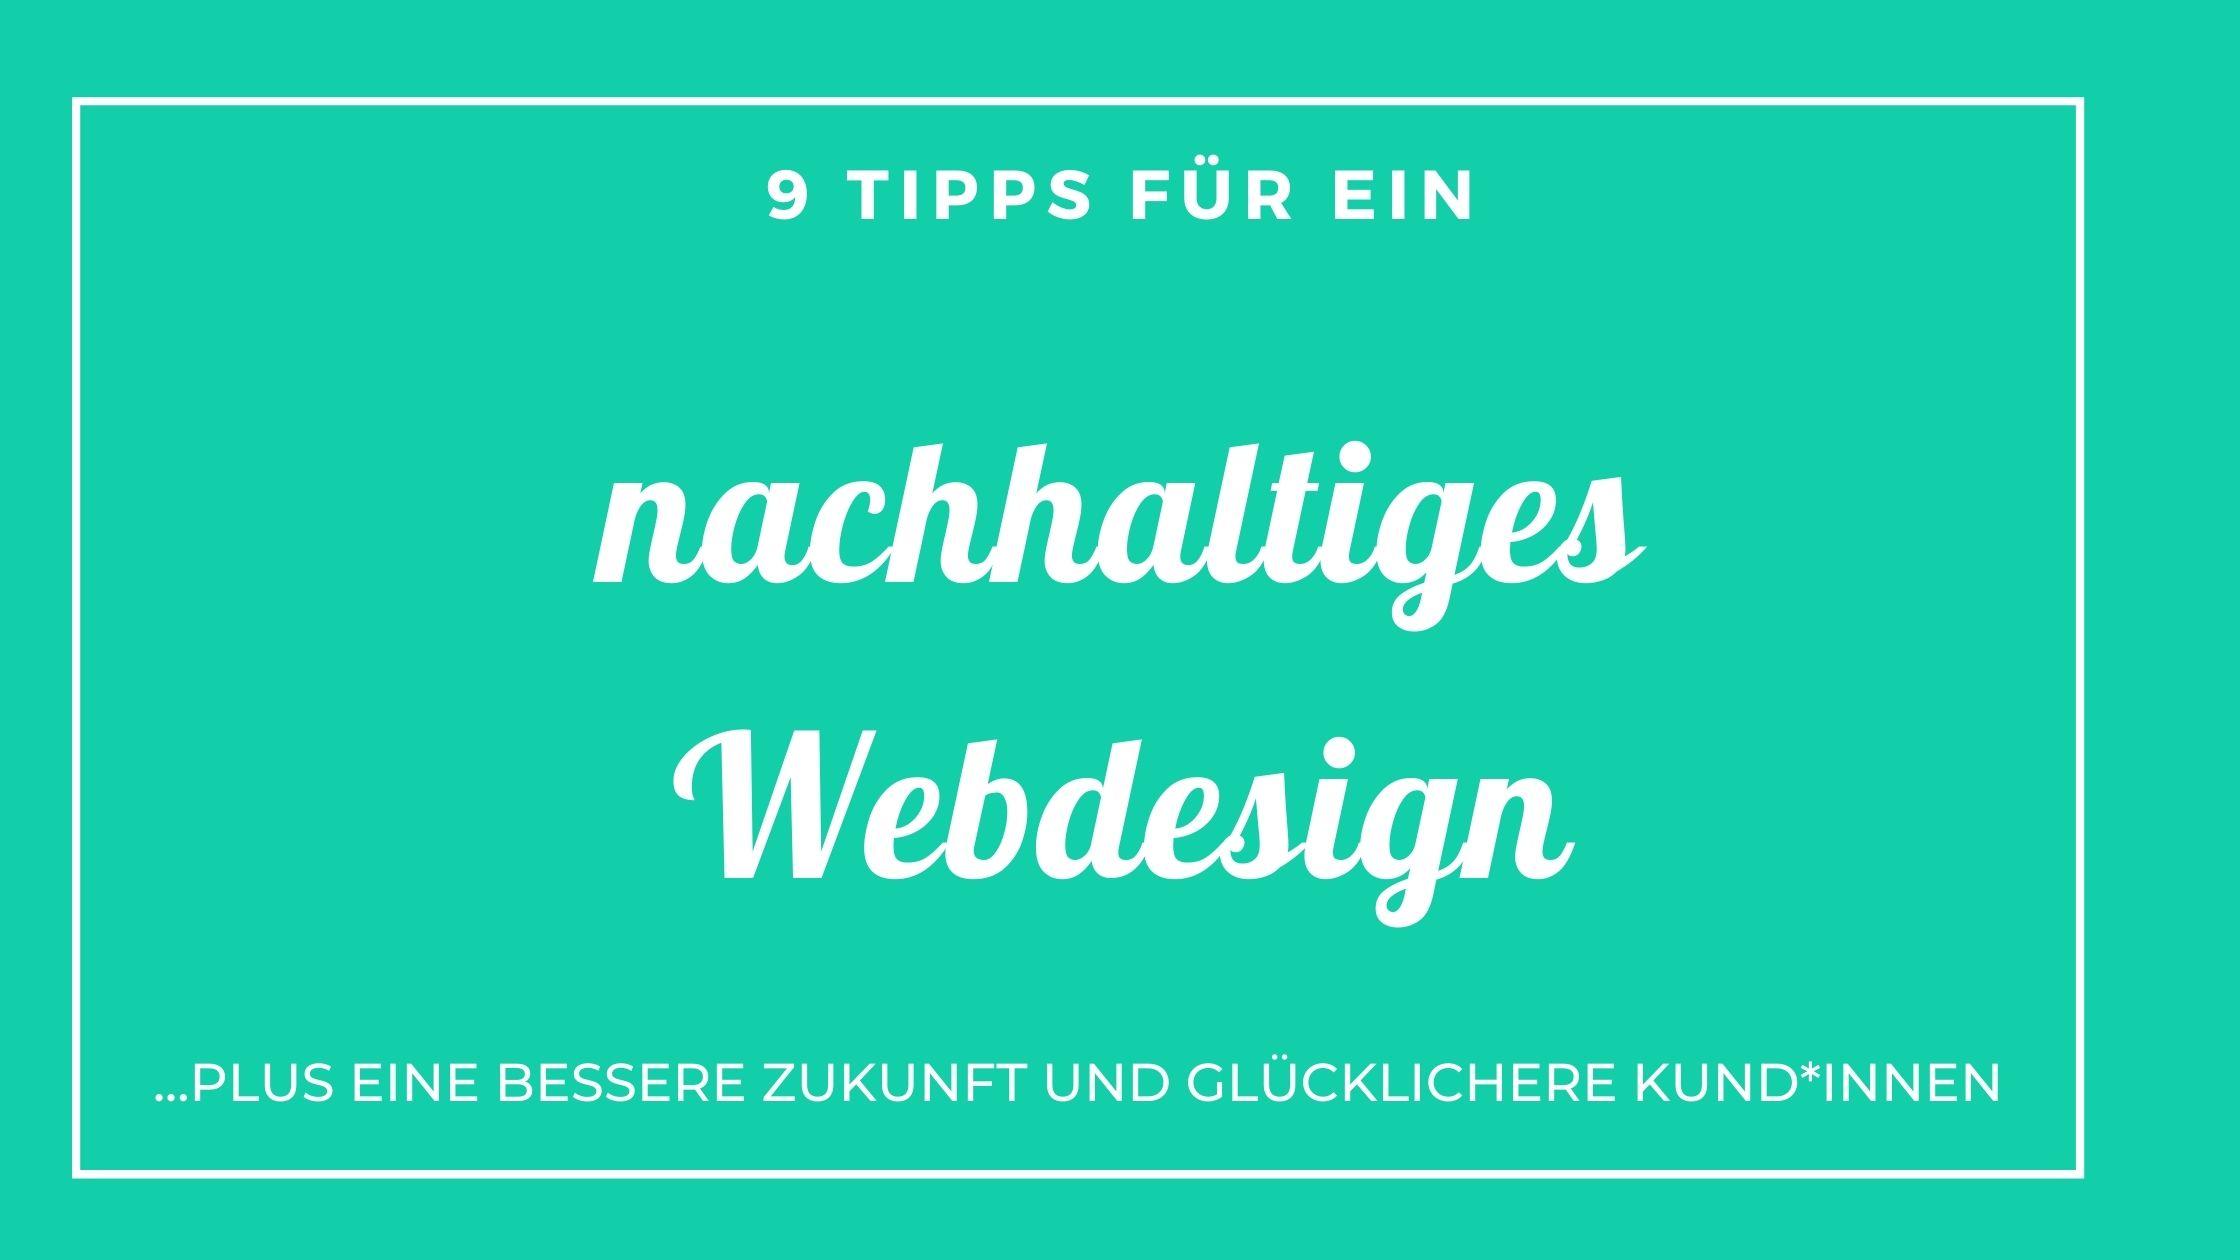 nachhaltiges-Webdesign - 9 Tipps